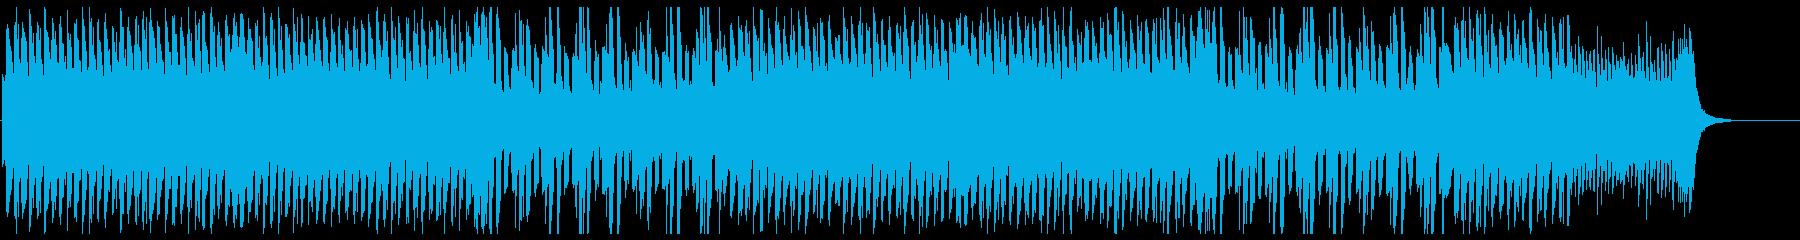 颯爽感のある美しいメロディのピアノの再生済みの波形